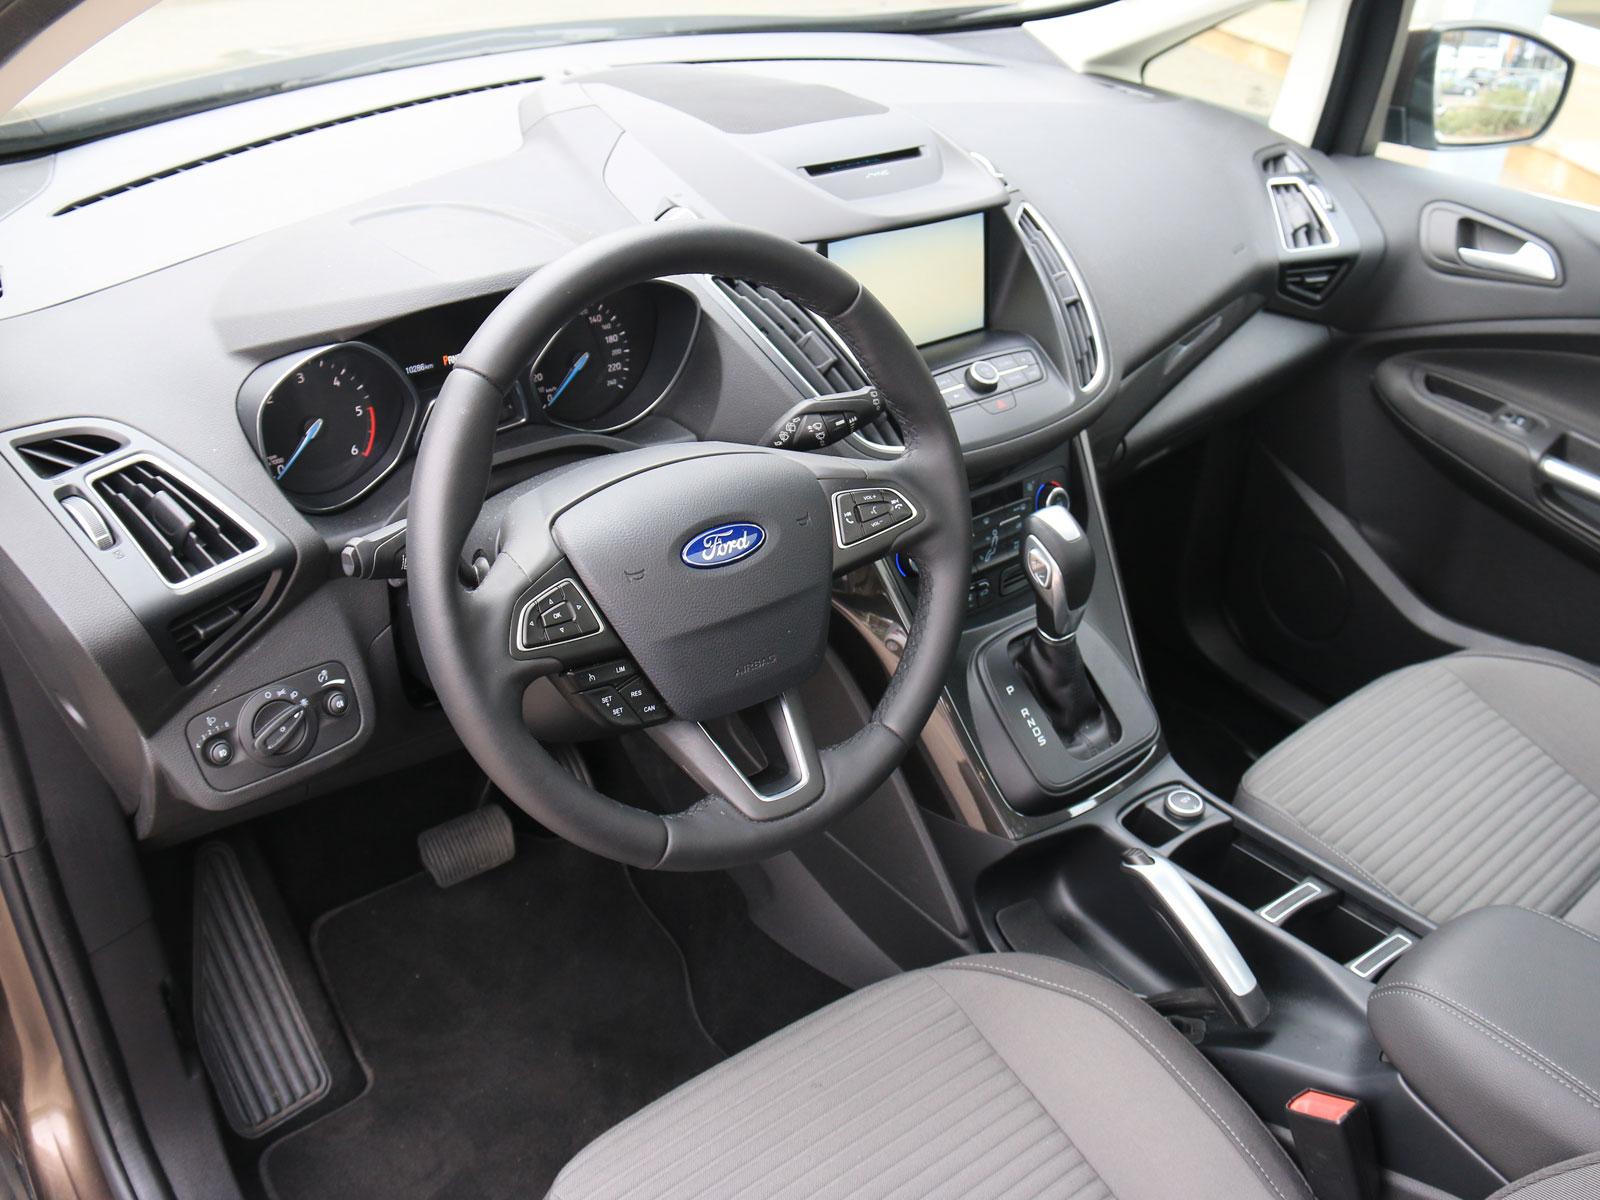 Ford Grand C Max 20 Tdci Titanium 170 Ps Aut Testbericht